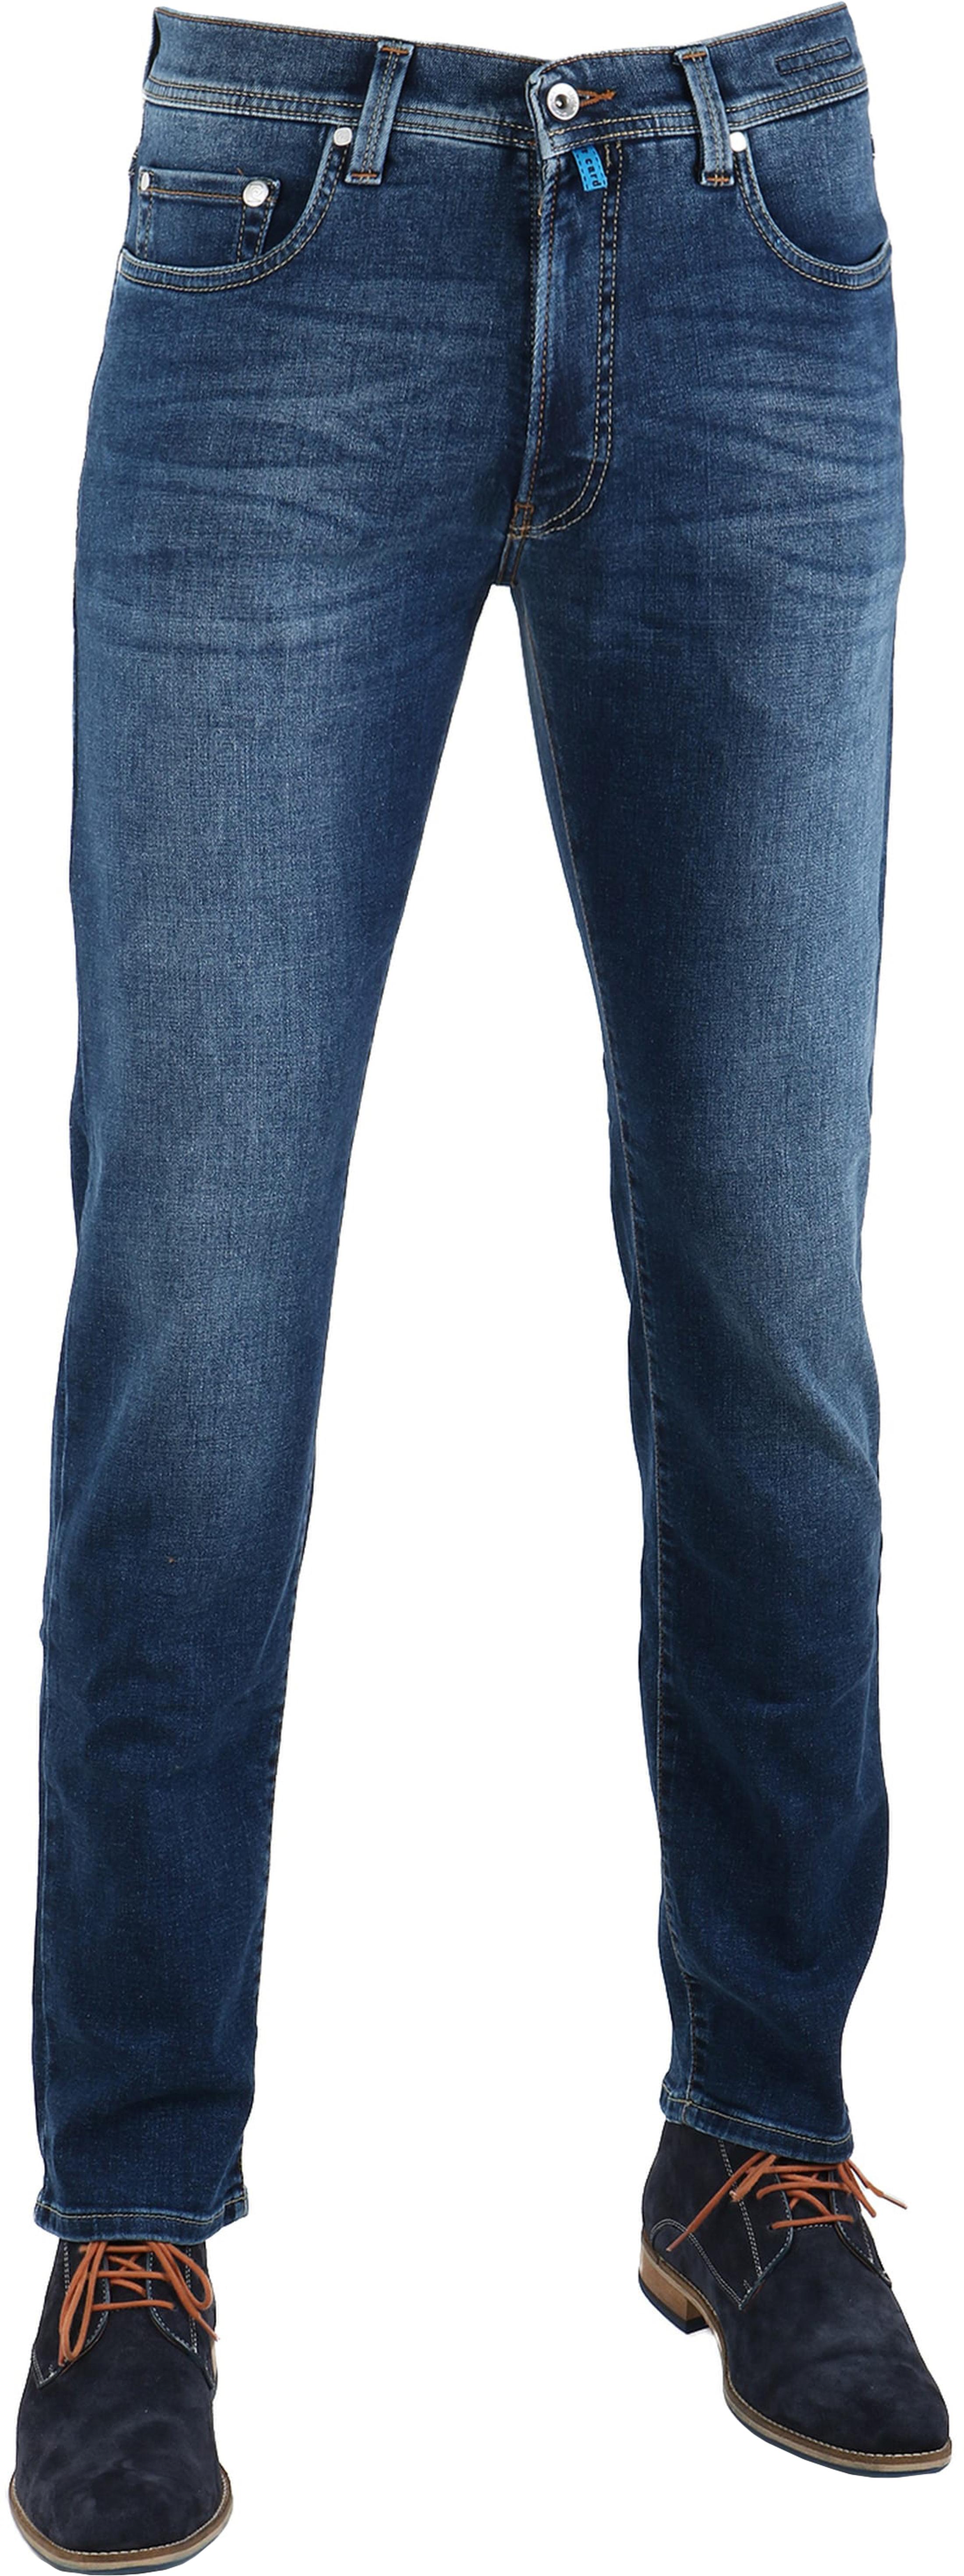 Pierre Cardin Lyon Jeans Future Flex 3451 foto 0